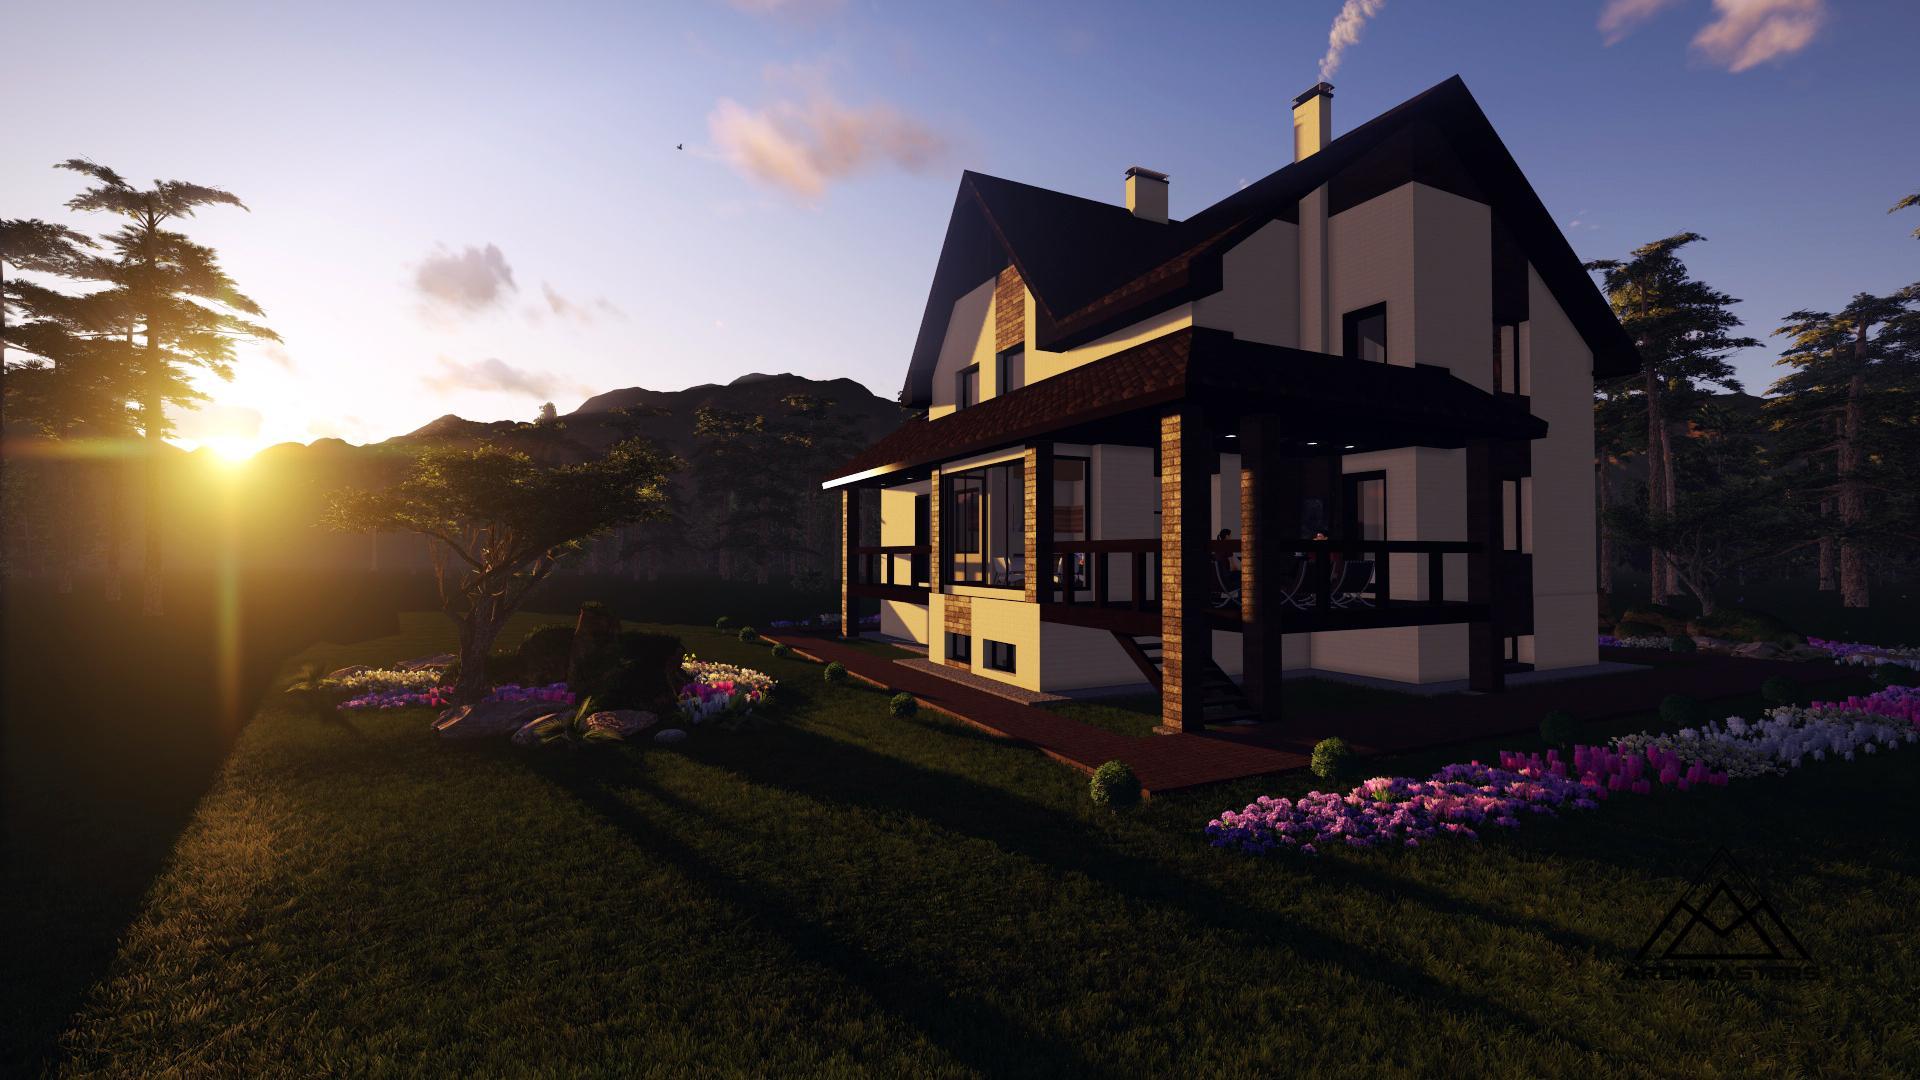 Видео-презентация дома: Проект дома из керамического блока